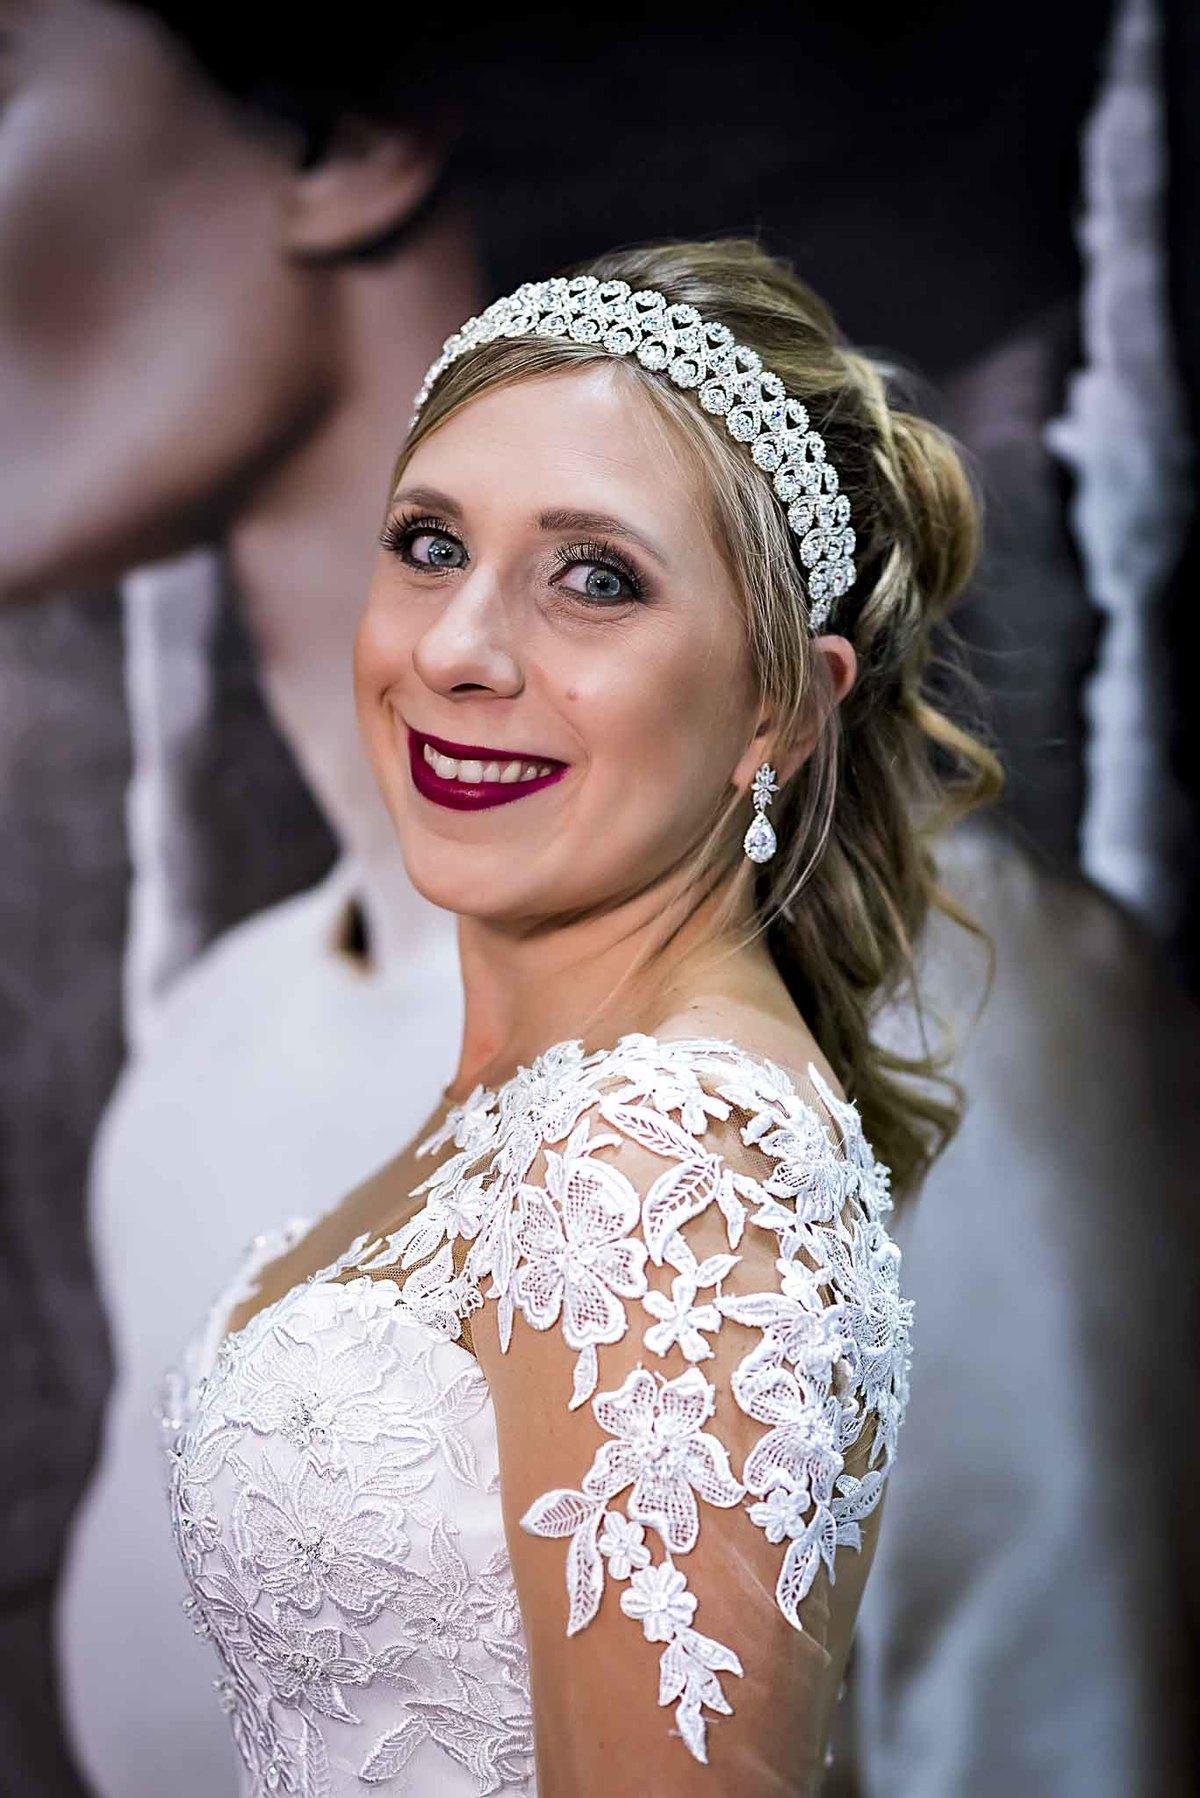 fotografia de casamento na Igreja Bom Pastor Alphaville, fotografia de casamento em alphaville. noiva com o brinco colocado